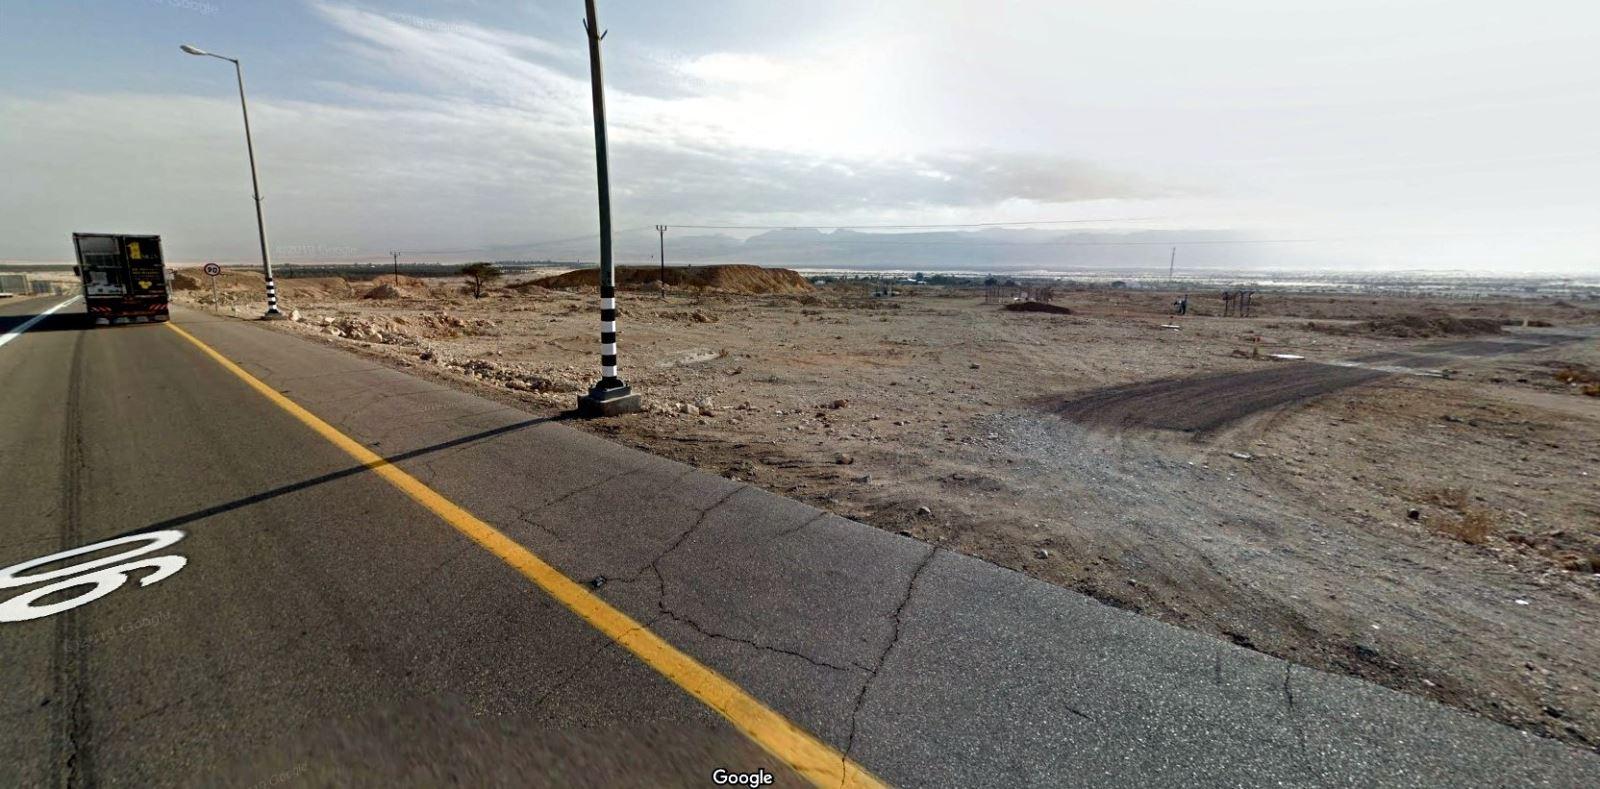 שני הרוגים בתאונה קשה בכביש הערבה